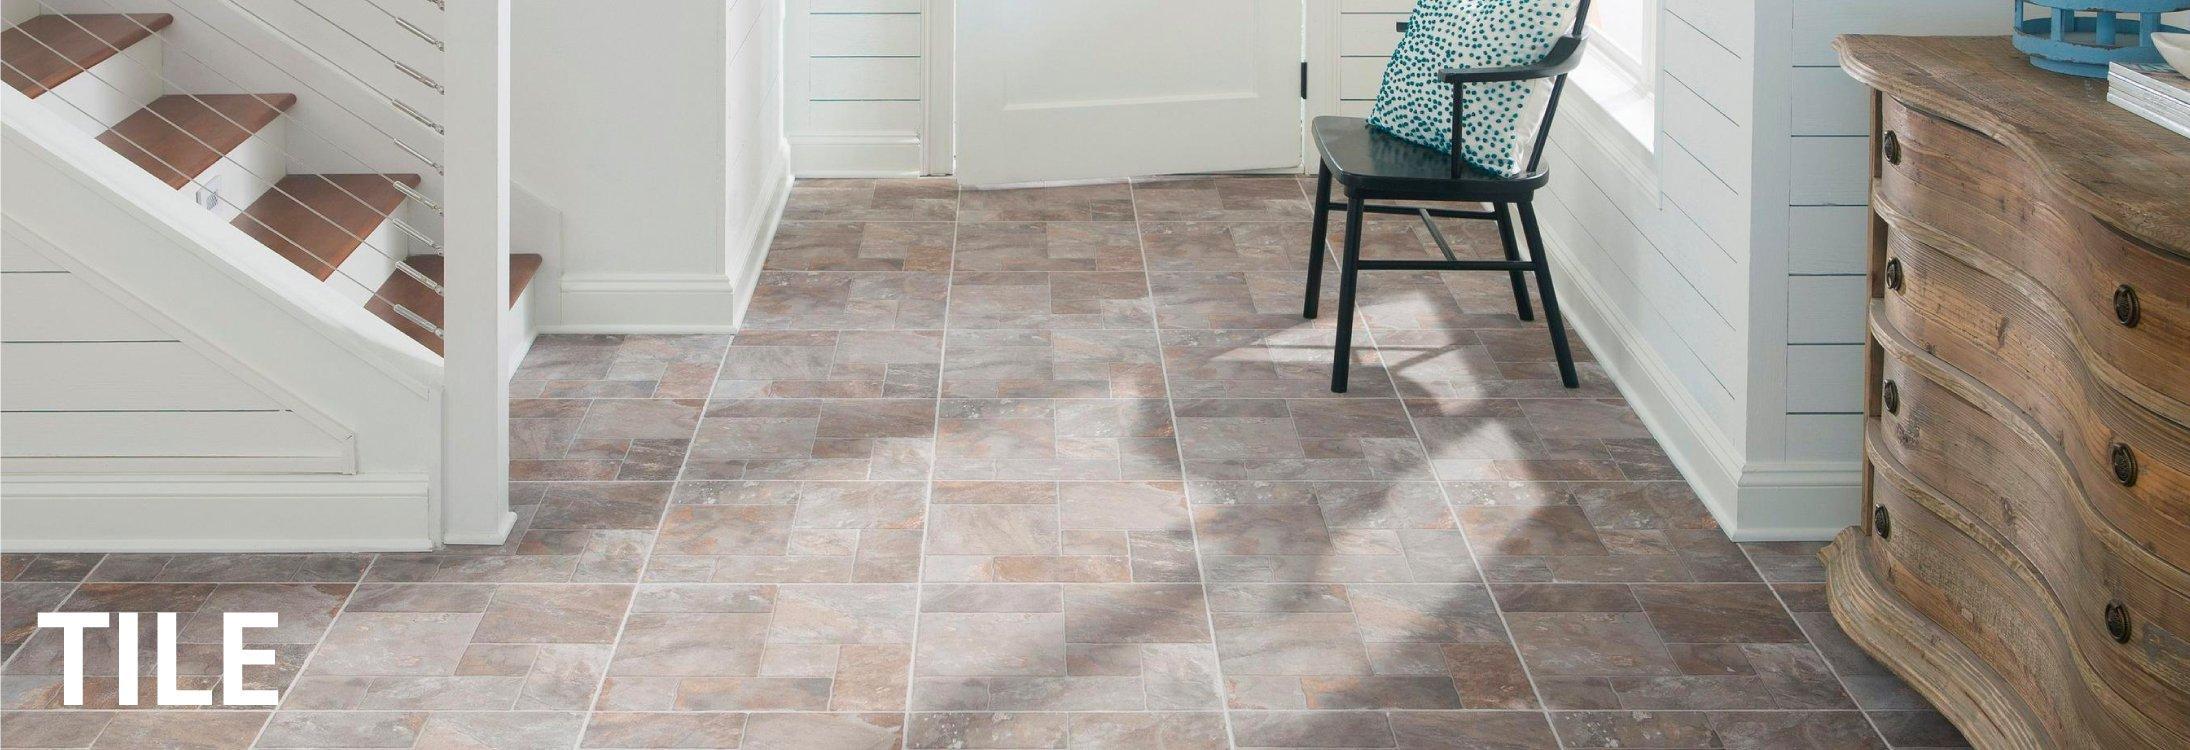 ceramic tile kitchener images